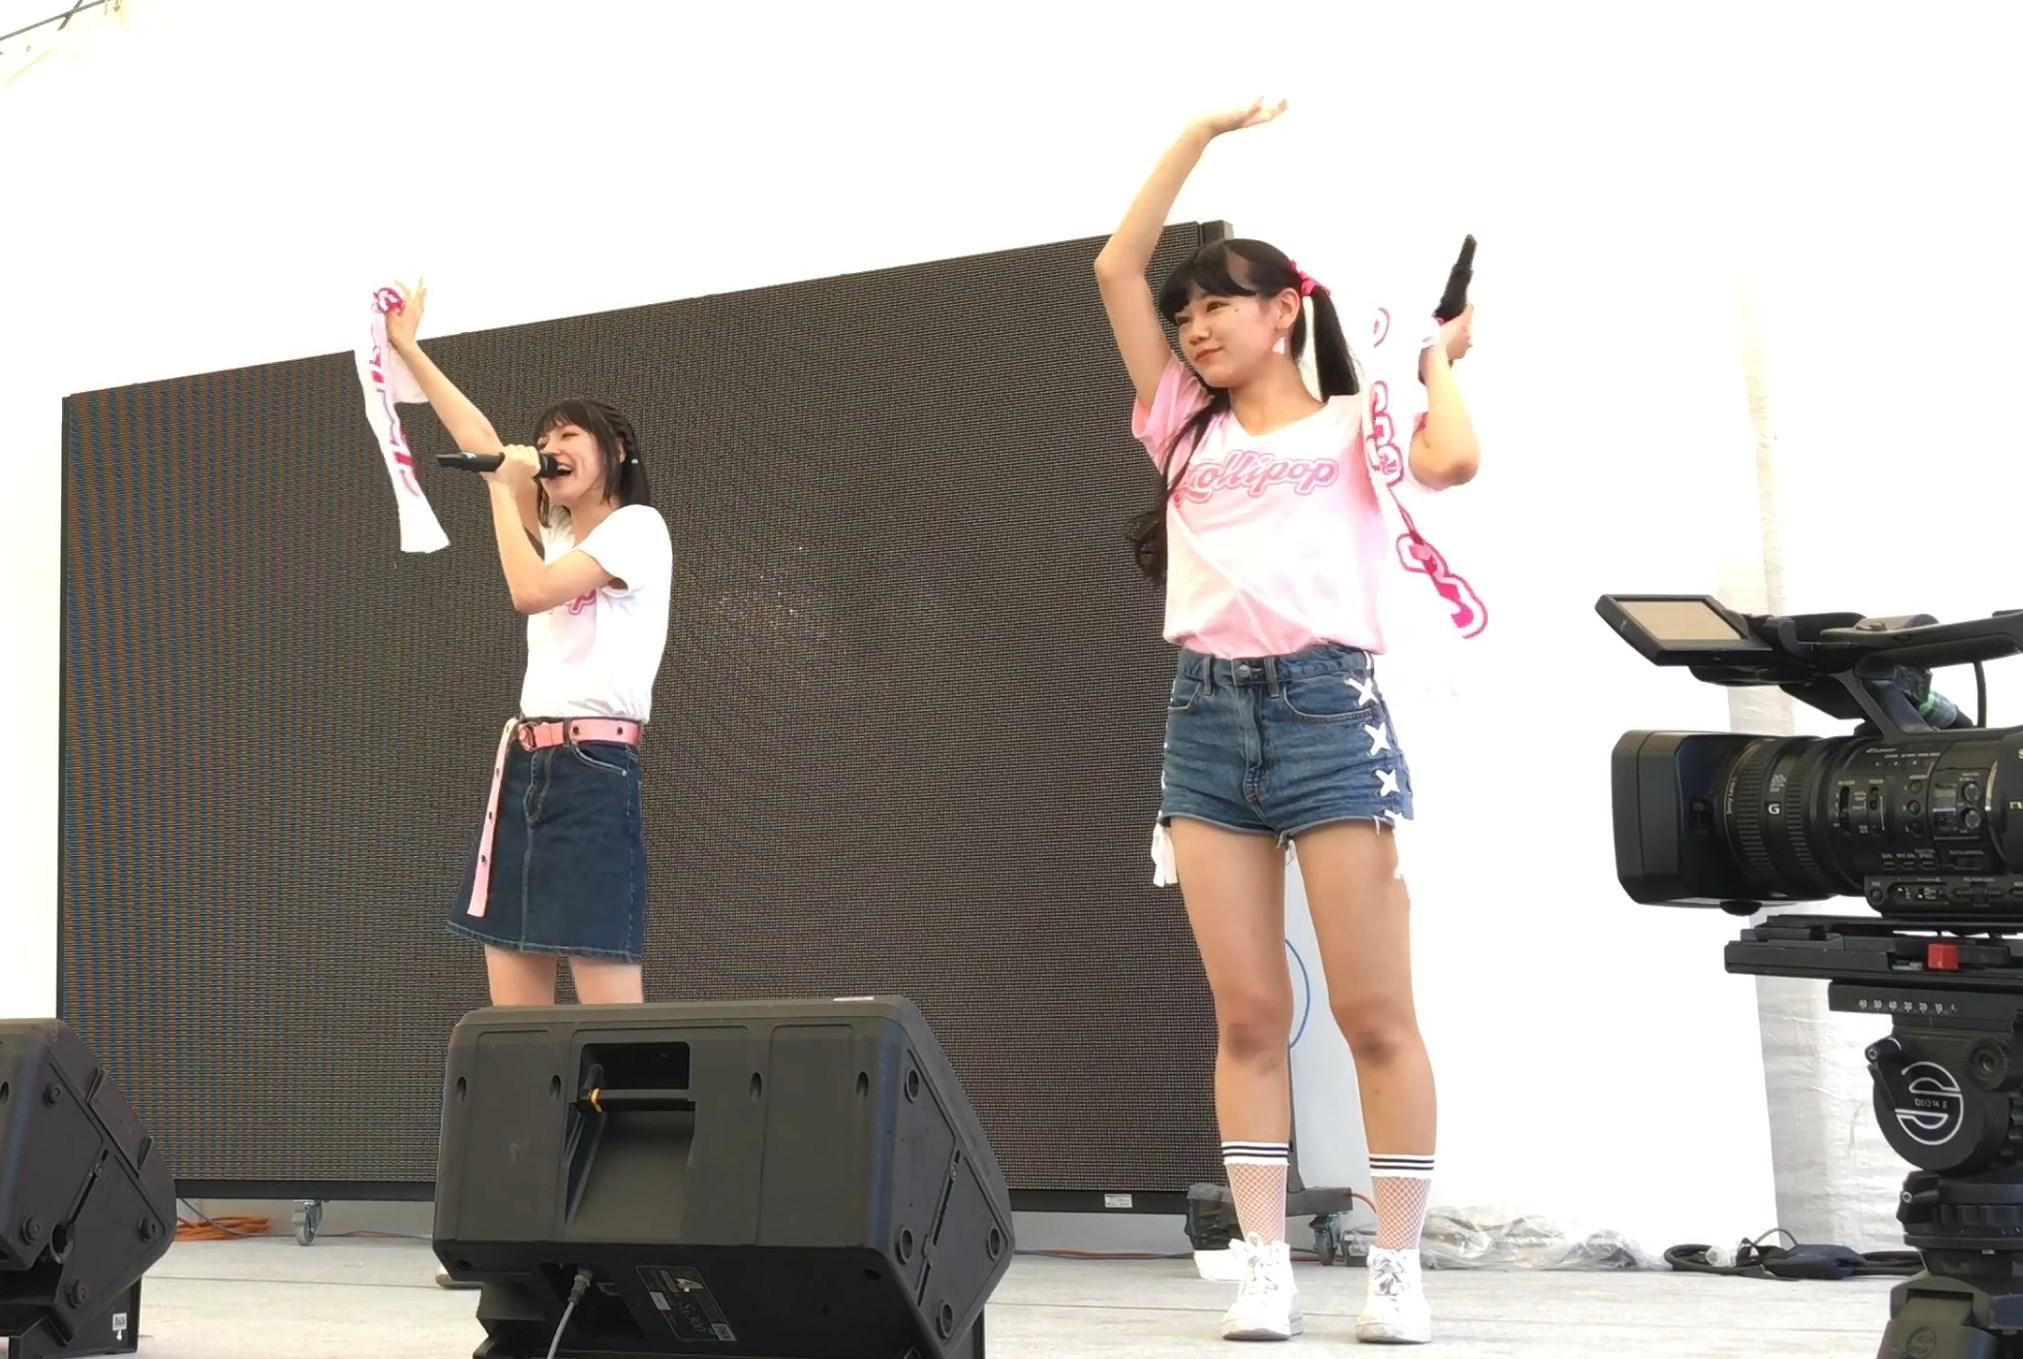 沖縄のティーンズモデル4人組のアイドルグループがデニムショーパンで元気いっぱいのパフォーマンスを披露!